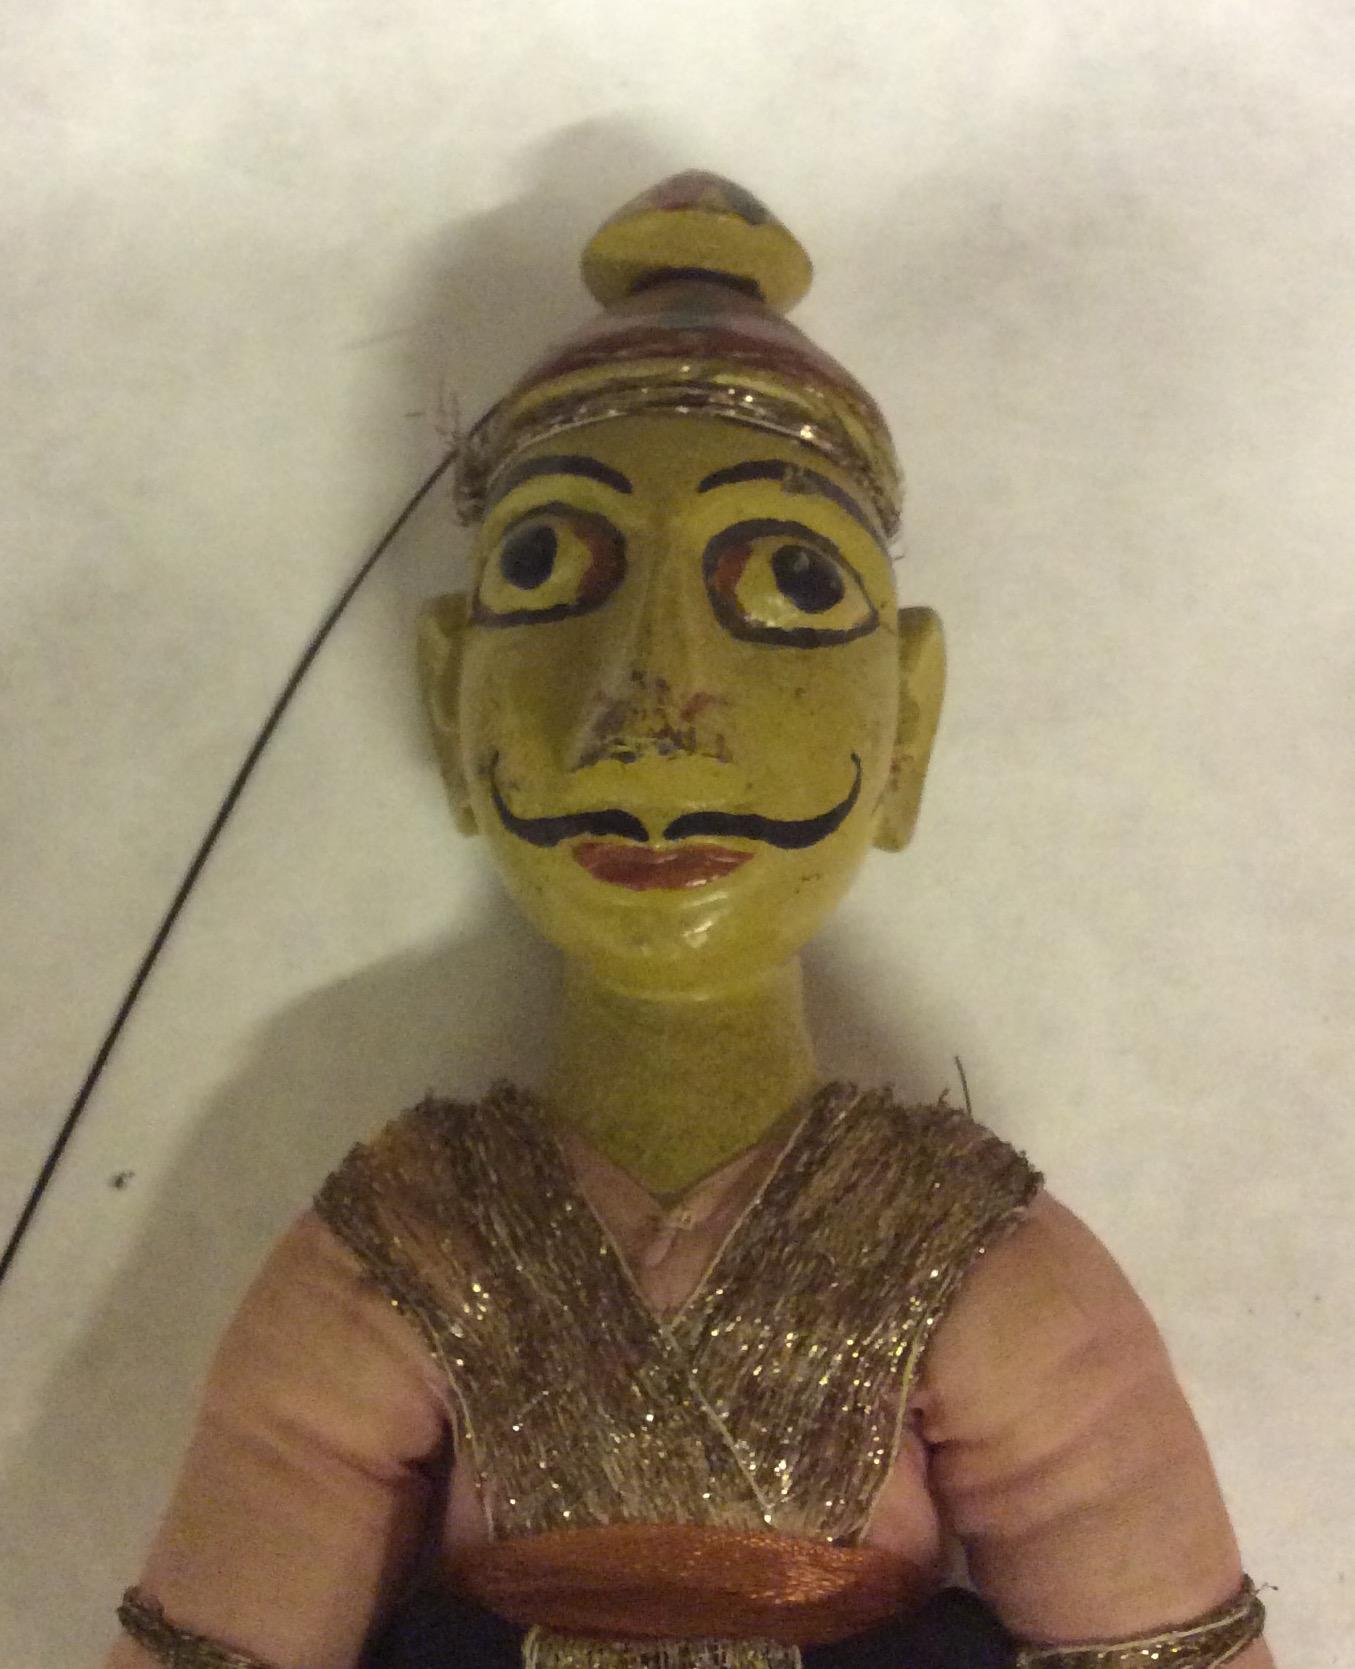 Un détail, un guerrier rajasthani, une marionnette à fils, <em>kathputli</em>, du Rajasthan, en Inde, hauteur: 52 <em>c</em>m. Colle<em>c</em>tion : Center for Puppetry Arts (Atlanta, Géorgie, États-Unis). Photo réproduite avec l'aimable autorisation de Center for Puppetry Arts